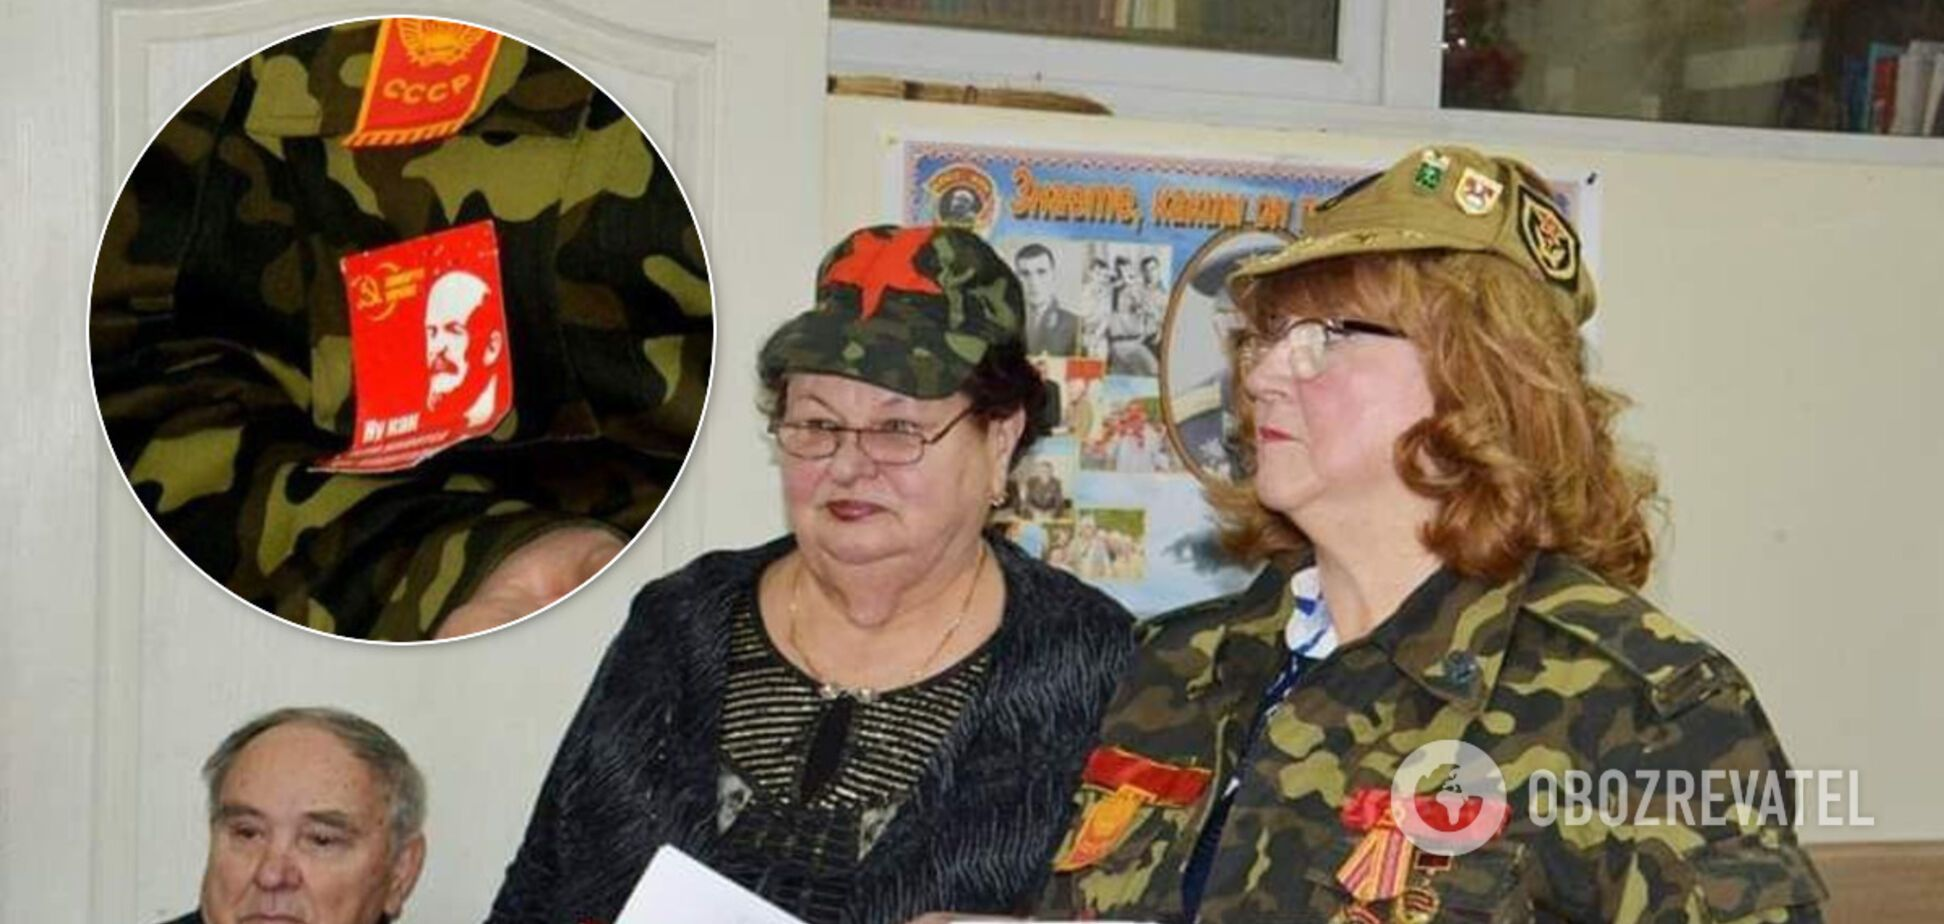 З Леніним і зірками: в Запоріжжі оскандалилися святкуванням '23 лютого'